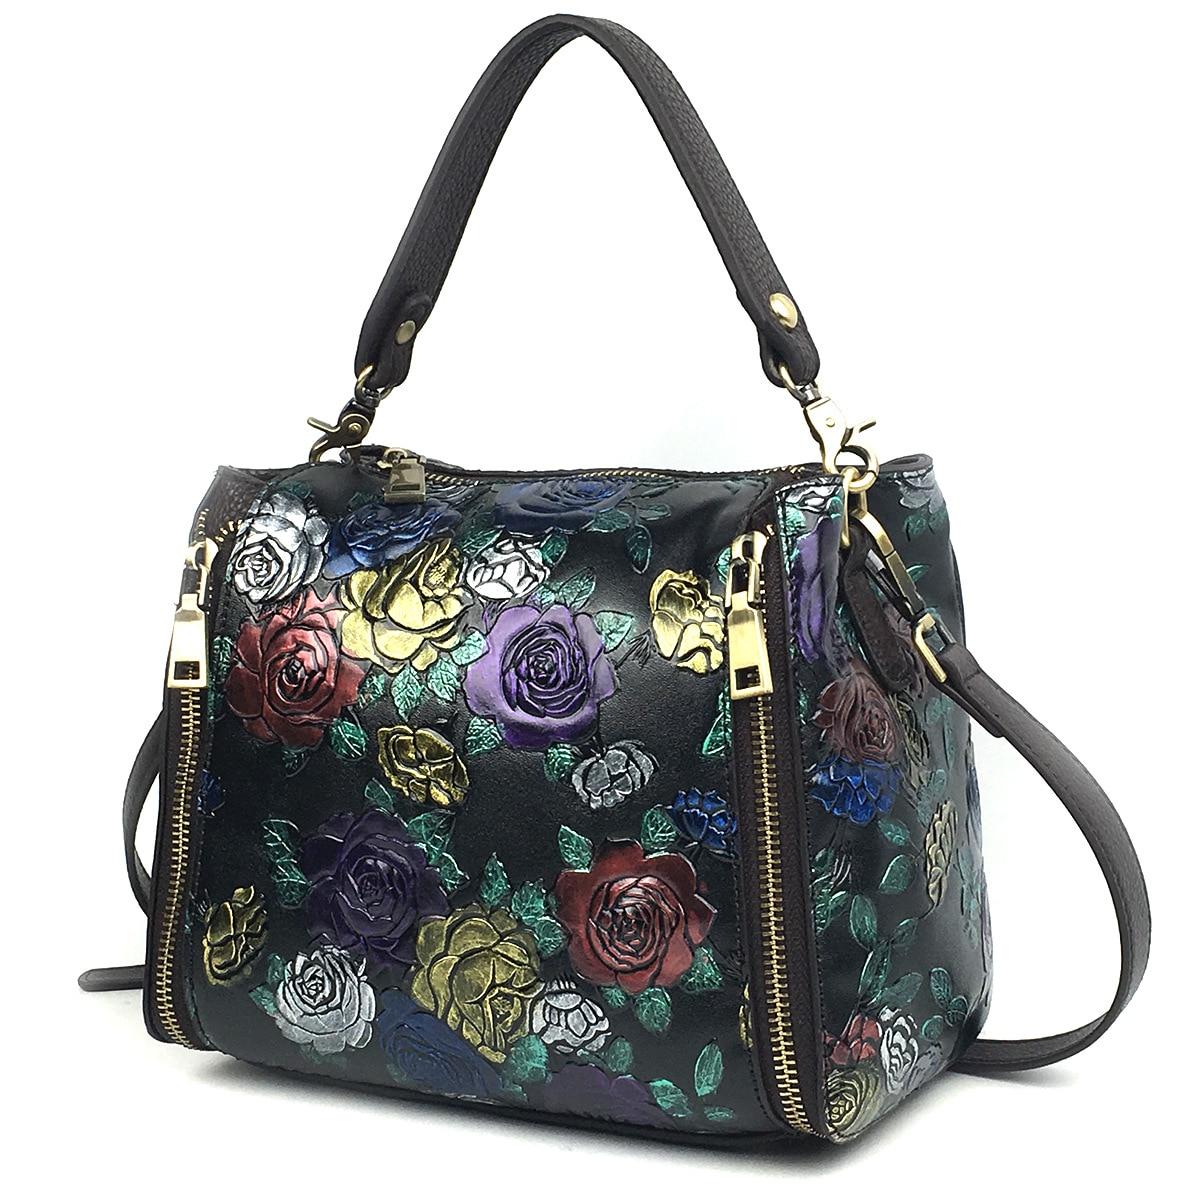 คุณภาพสูงของแท้หนังไหล่ด้านบนจัดการกระเป๋าผู้หญิง Messenger Real Cowhide Cross Body Tote กระเป๋ากระเป๋าถือ-ใน กระเป๋าสะพายไหล่ จาก สัมภาระและกระเป๋า บน   2